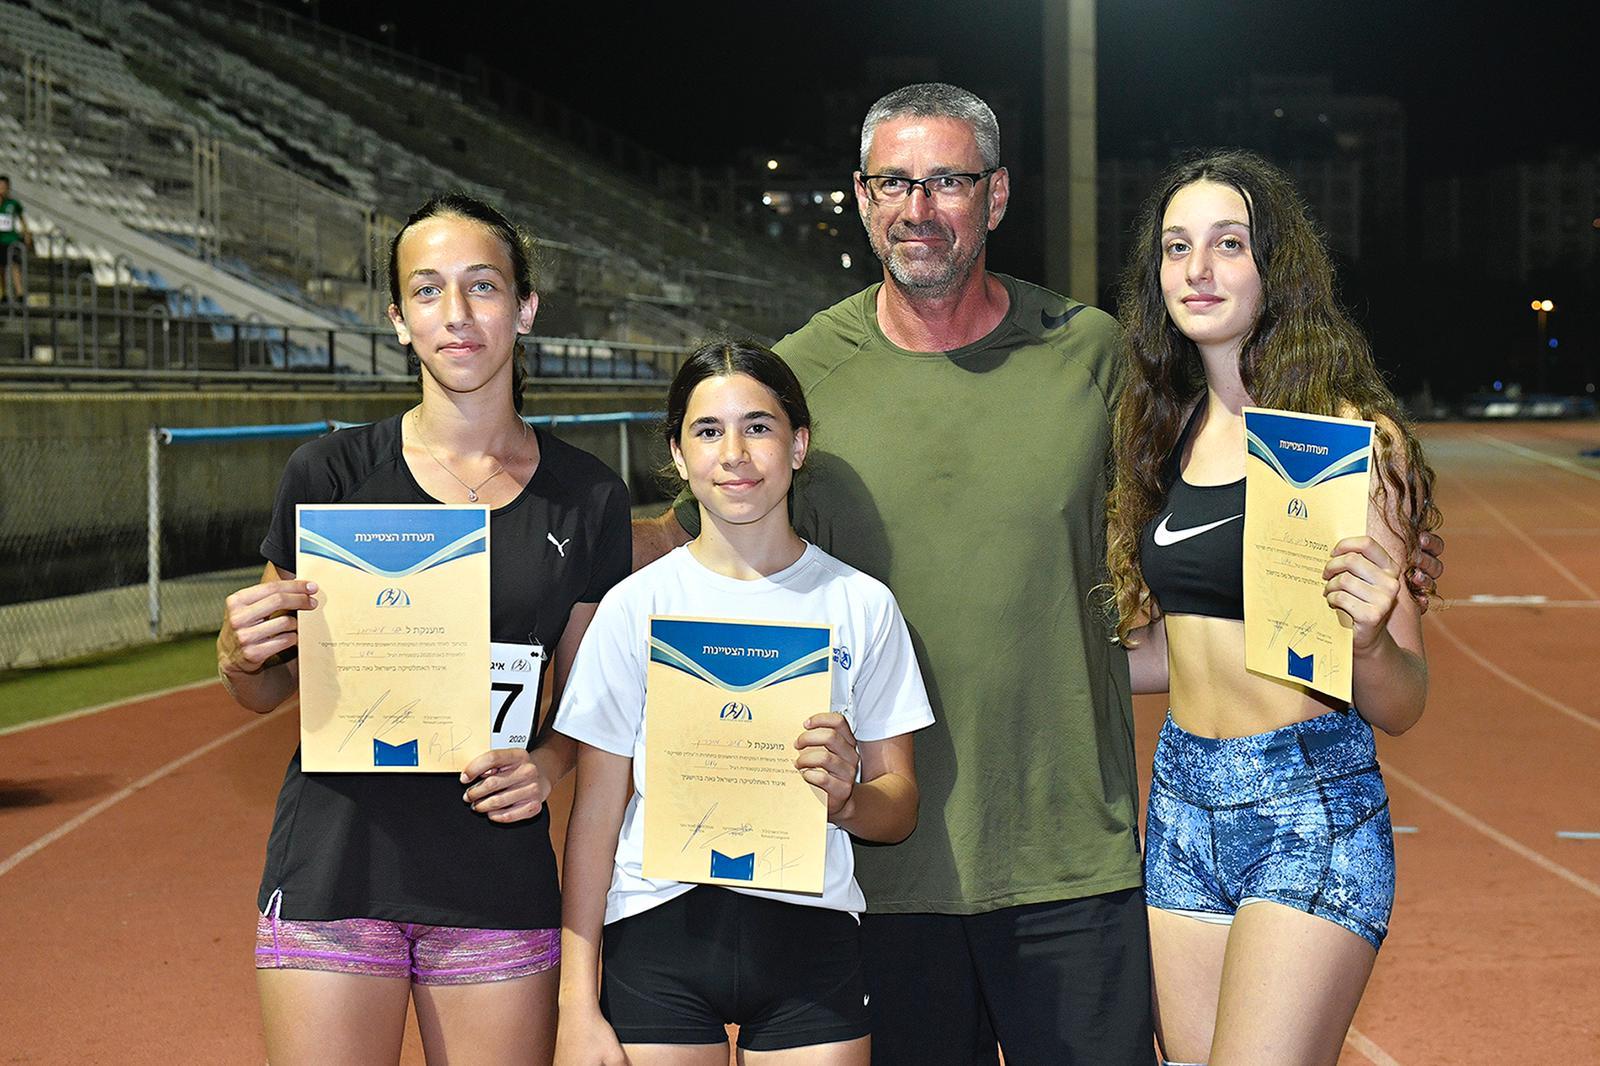 אלופים מקומיים – כפר סבא מובילה באליפות ישראל לילדים ונוער באתלטיקה קלה